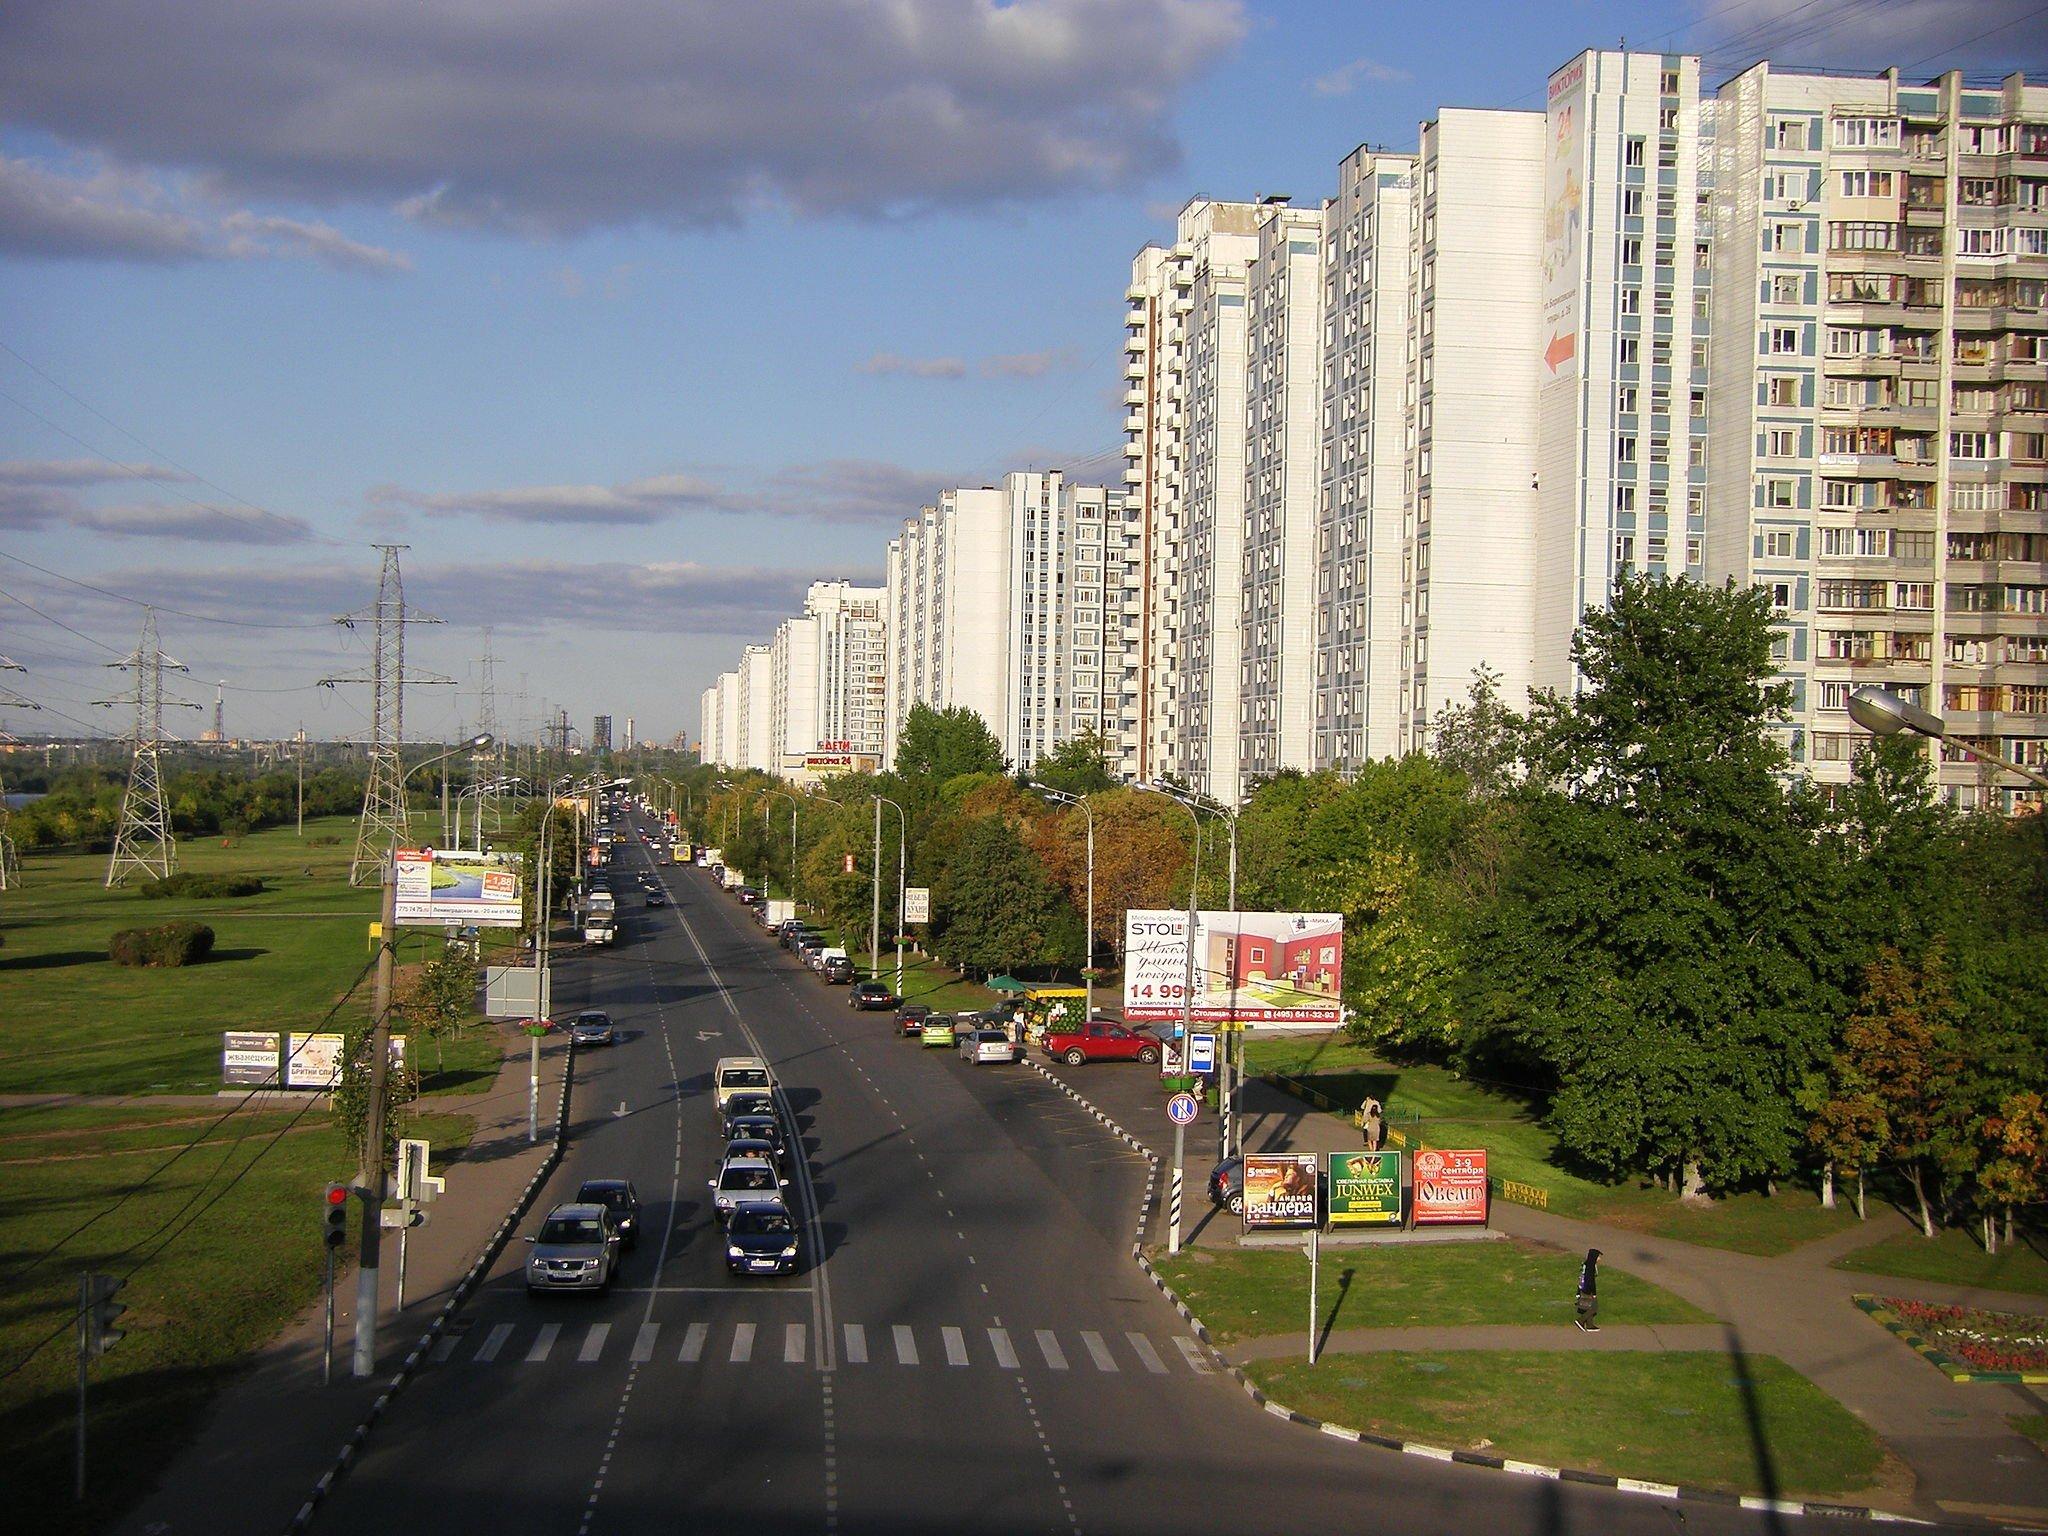 фото района москворечье фотографии